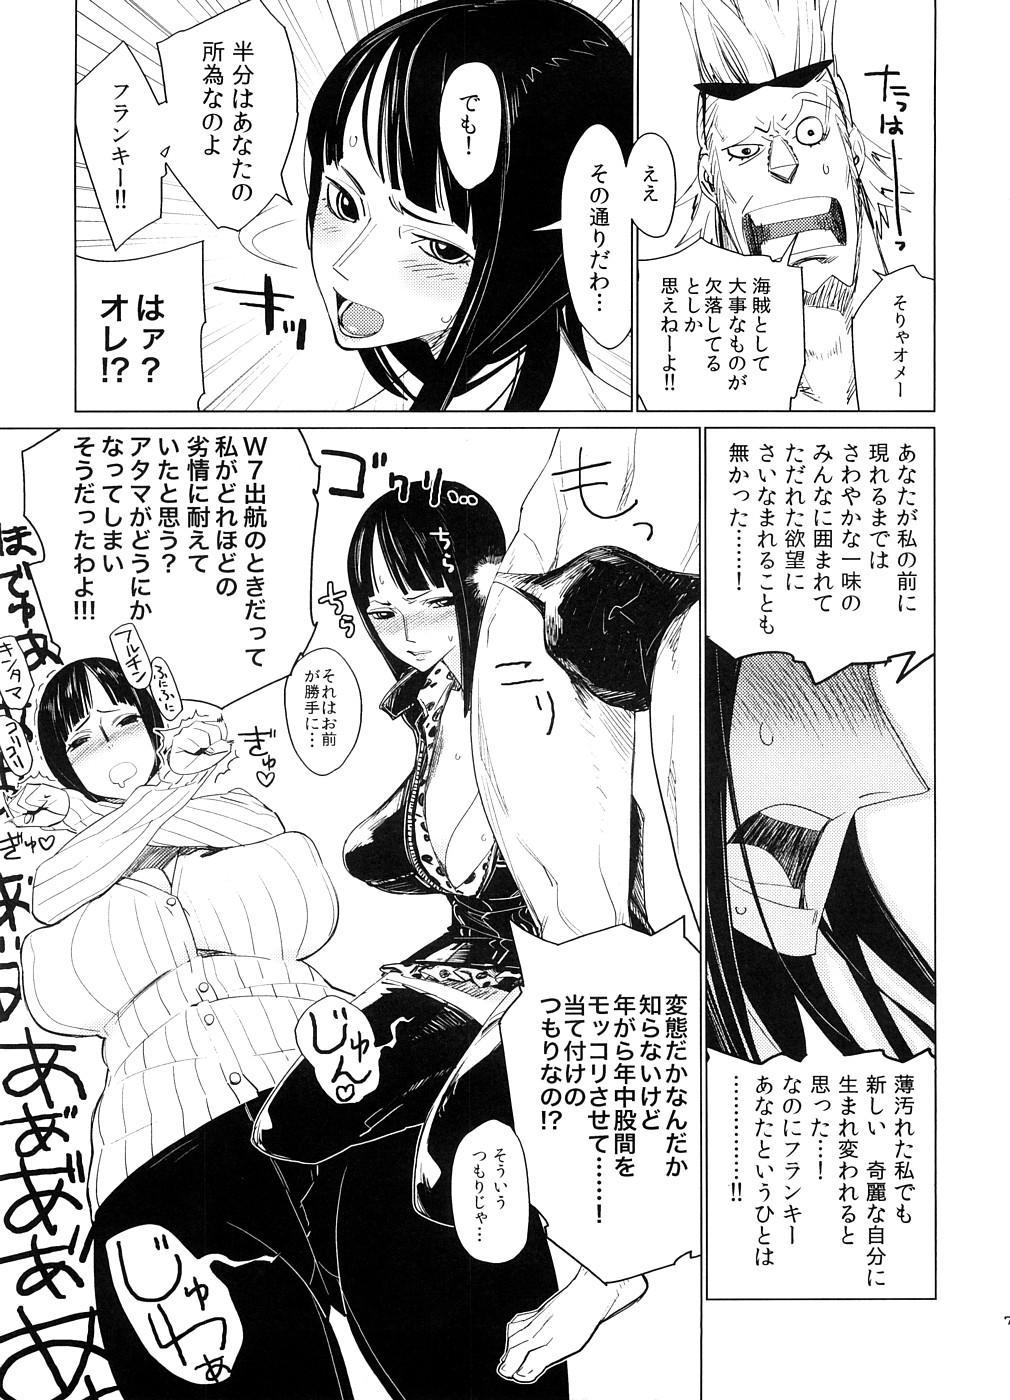 Abura Shoukami Tsukane No. 03 Akumanko 5